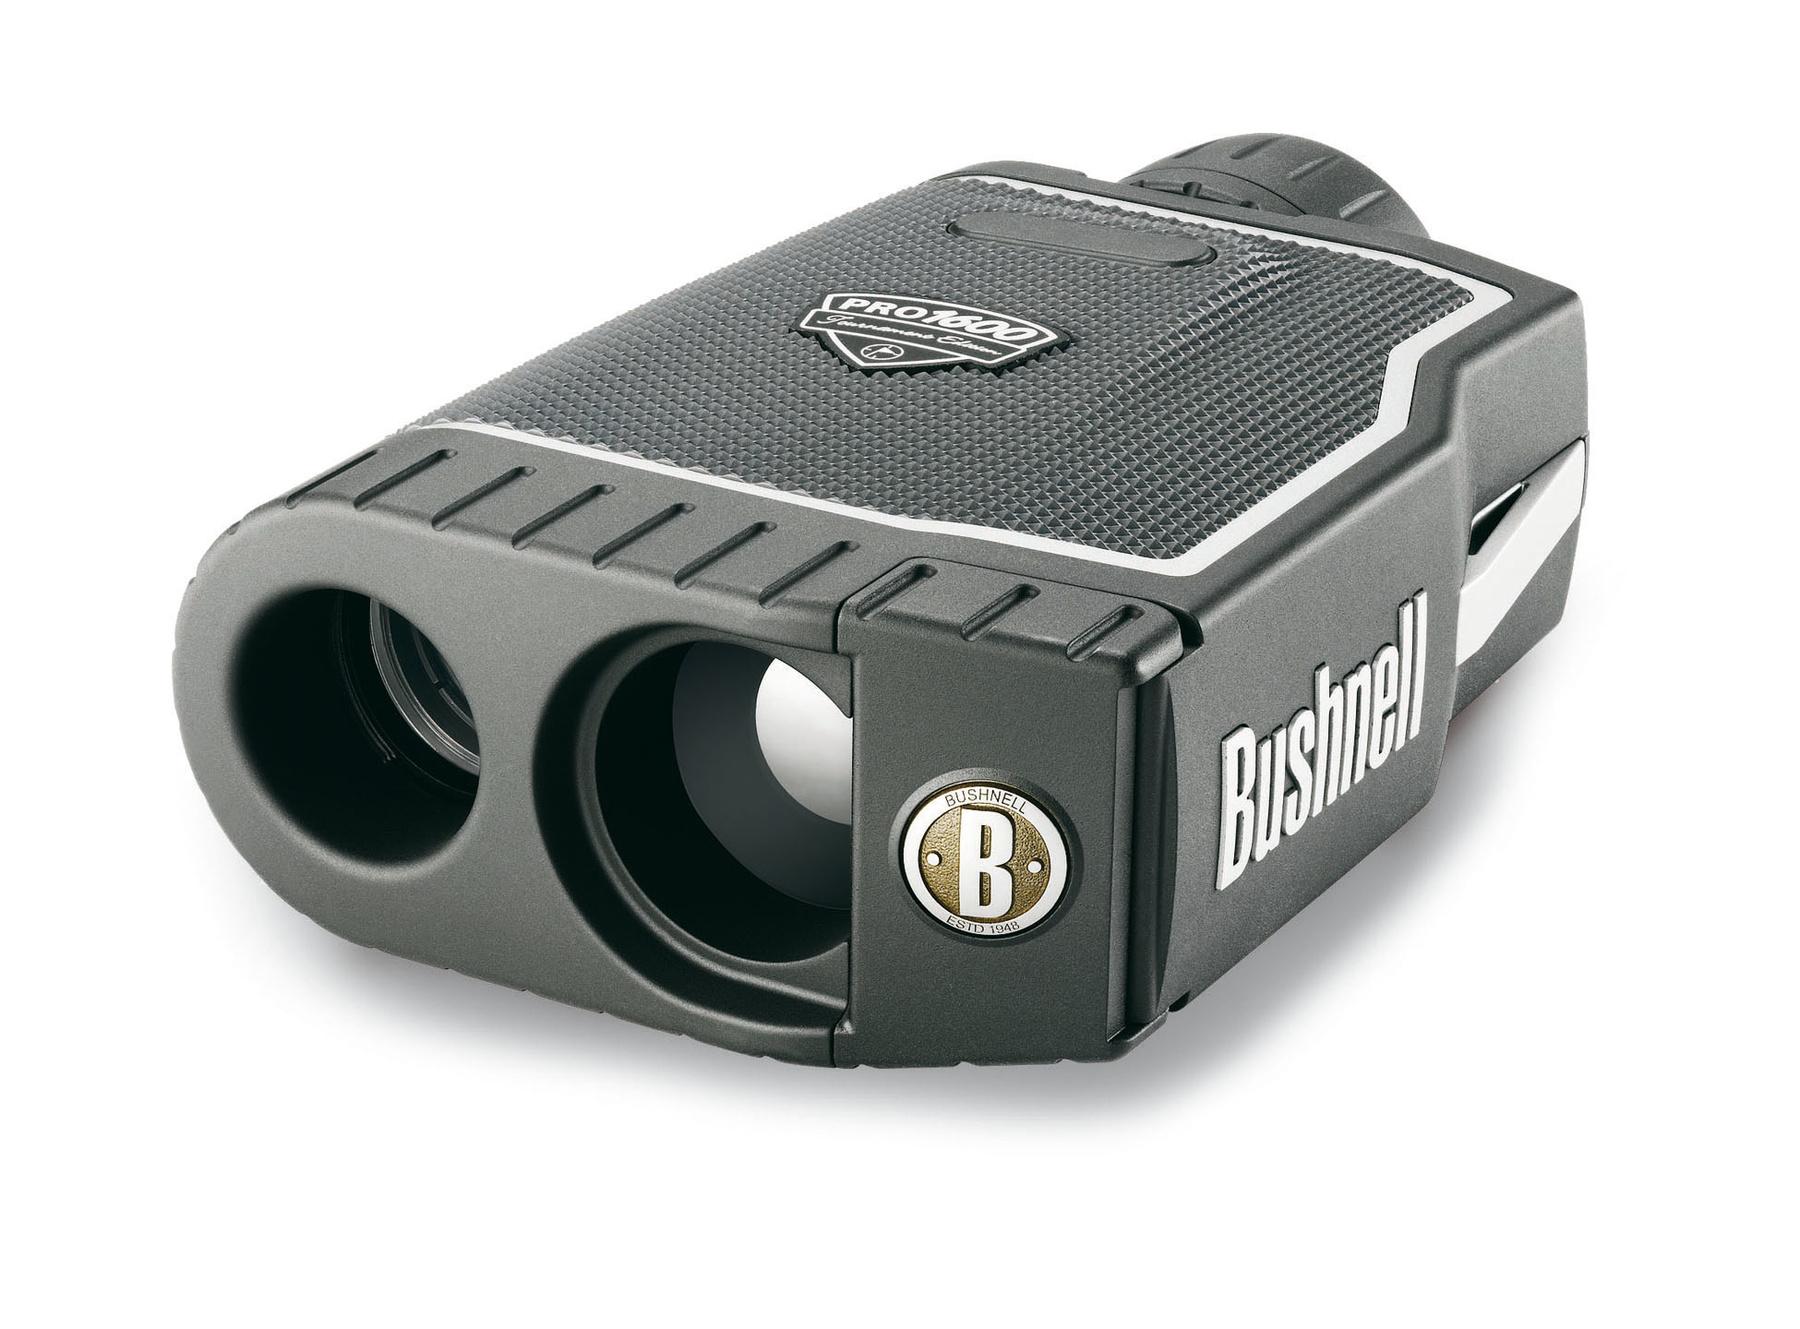 Bushnell laser rangefinder – Pro 1600 Tournament Edition